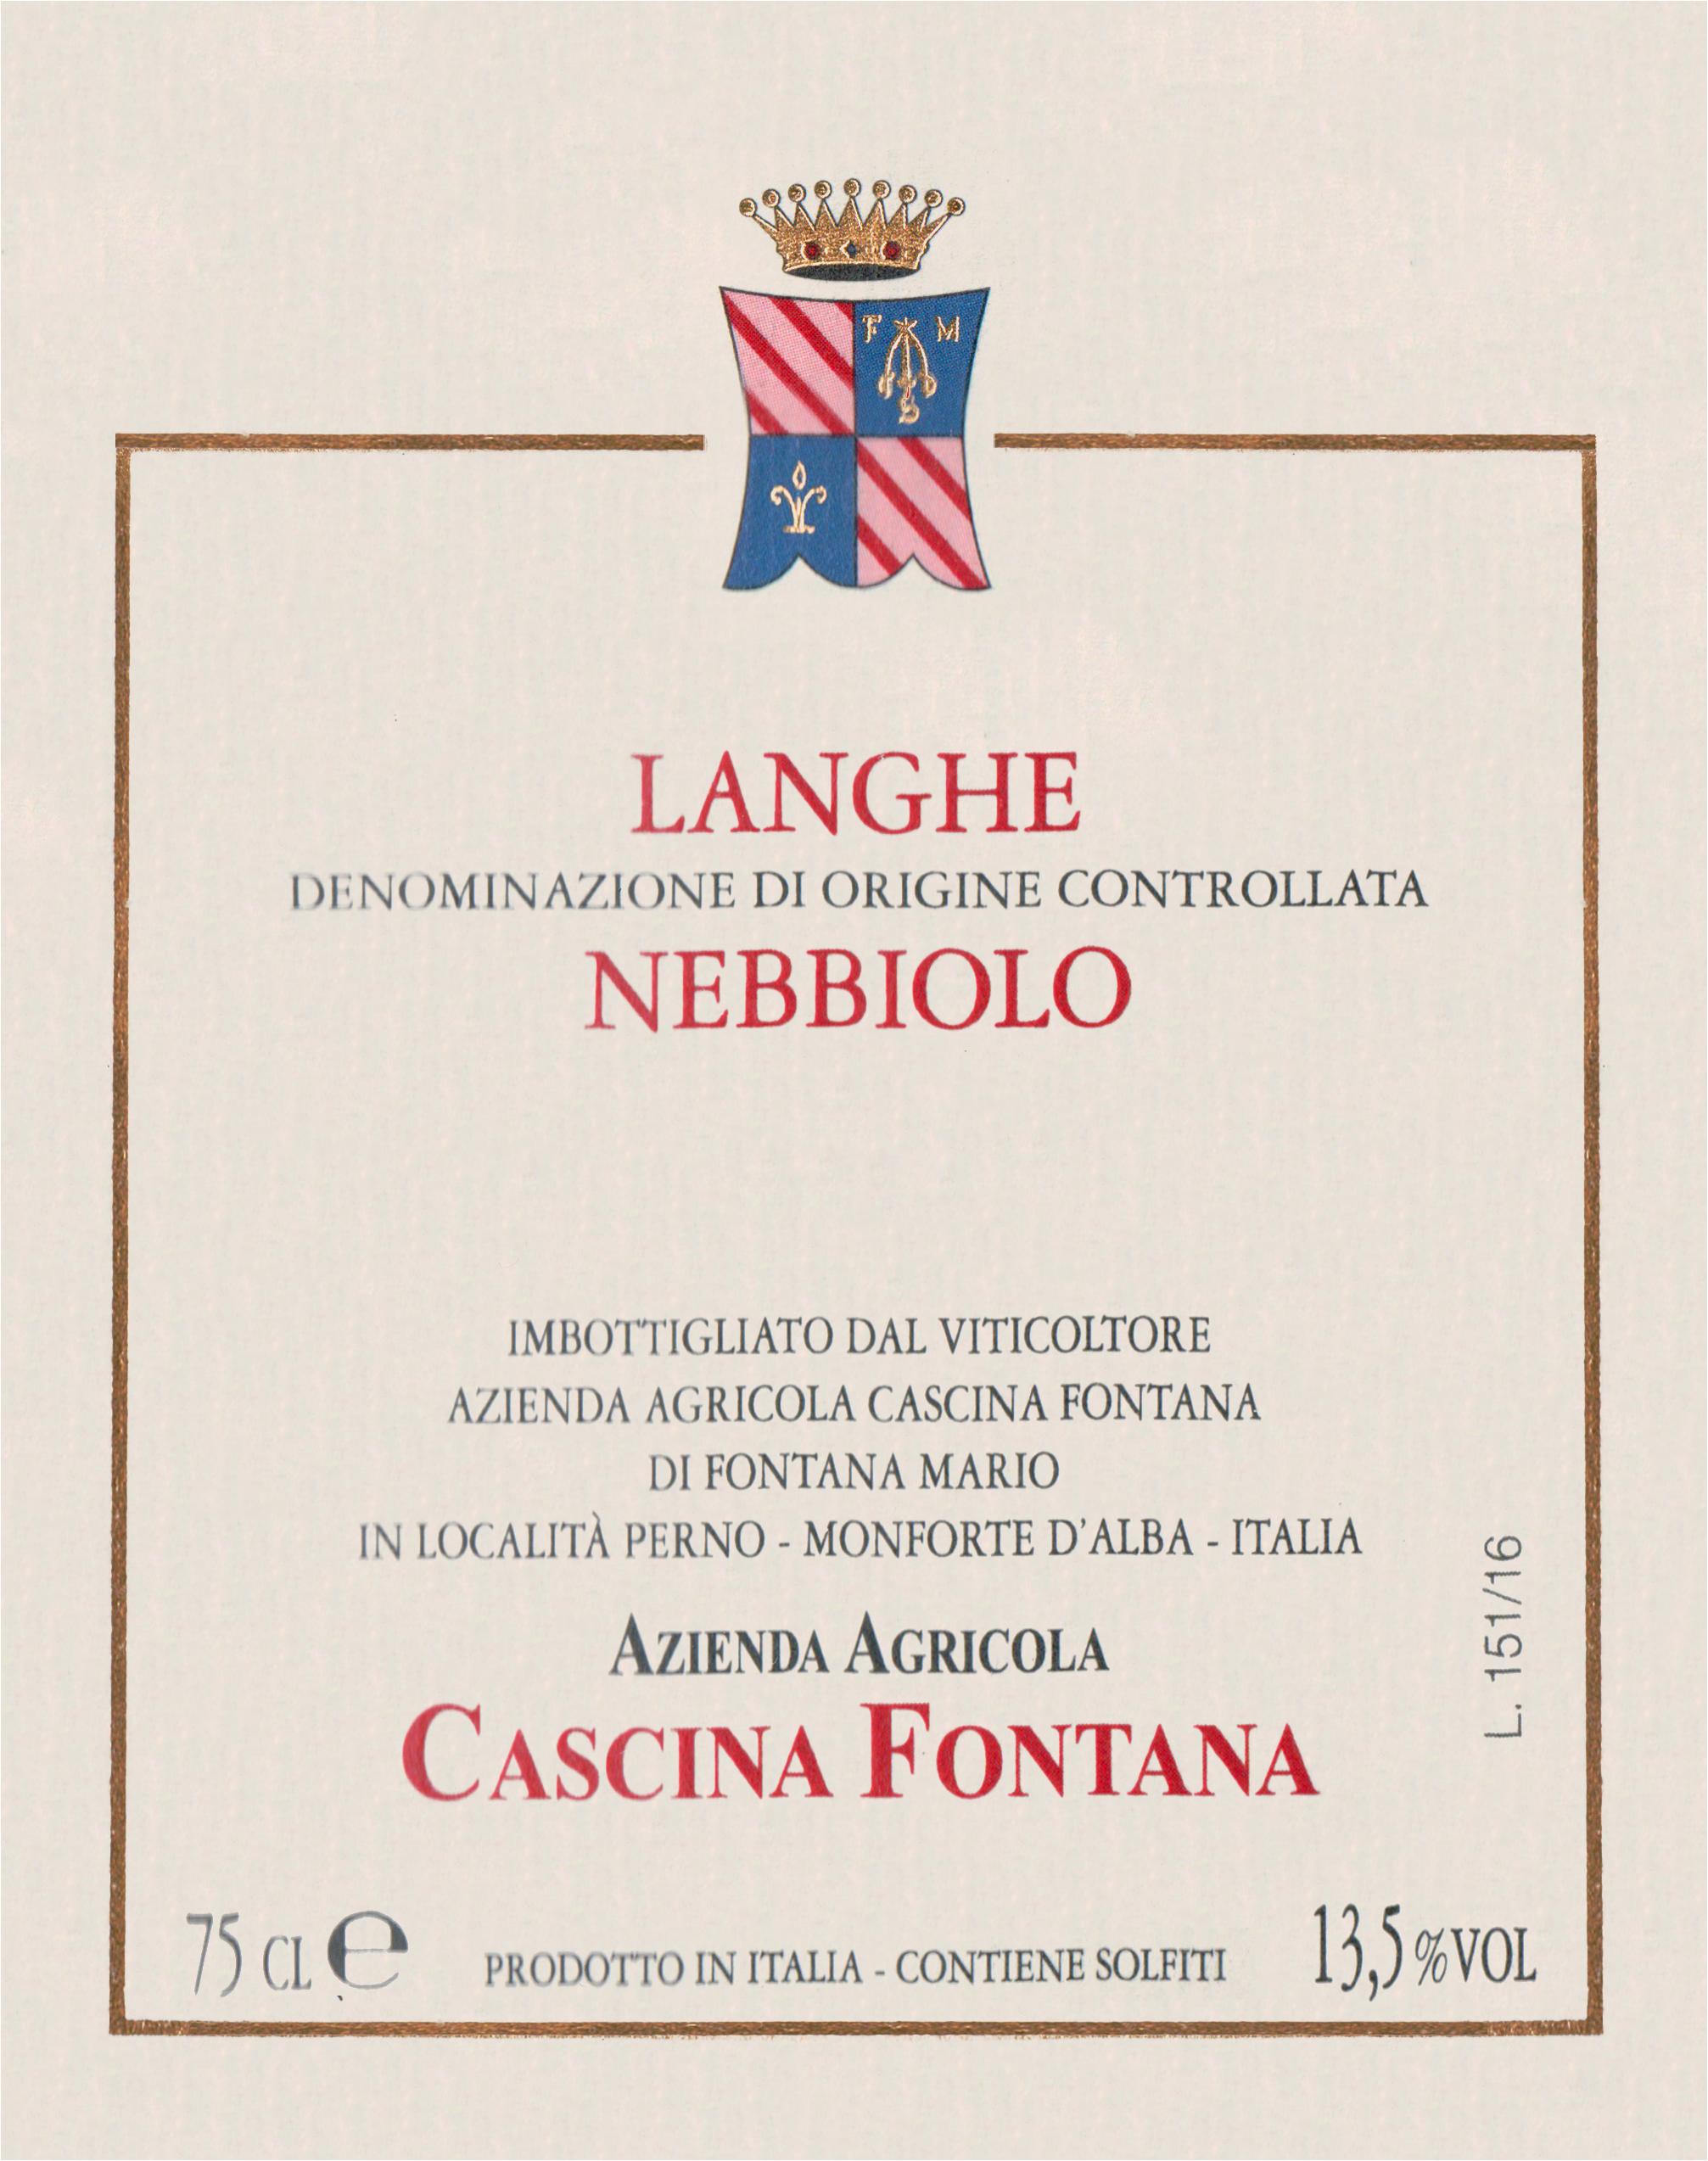 Cascina Fontana Langhe Nebbiolo 2017